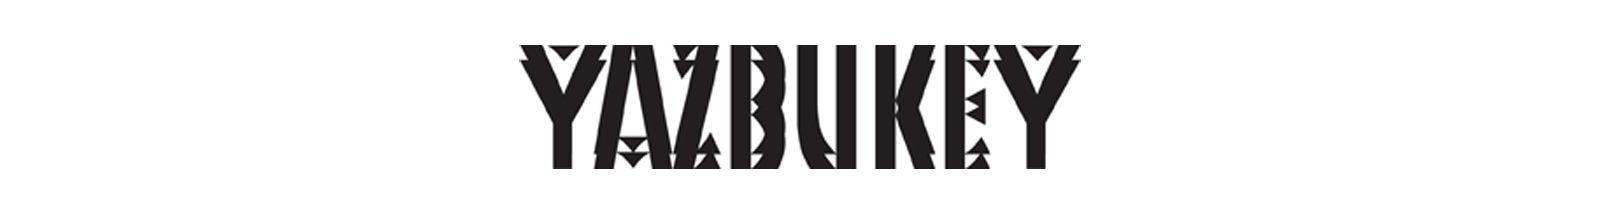 Logo – Yazbukey